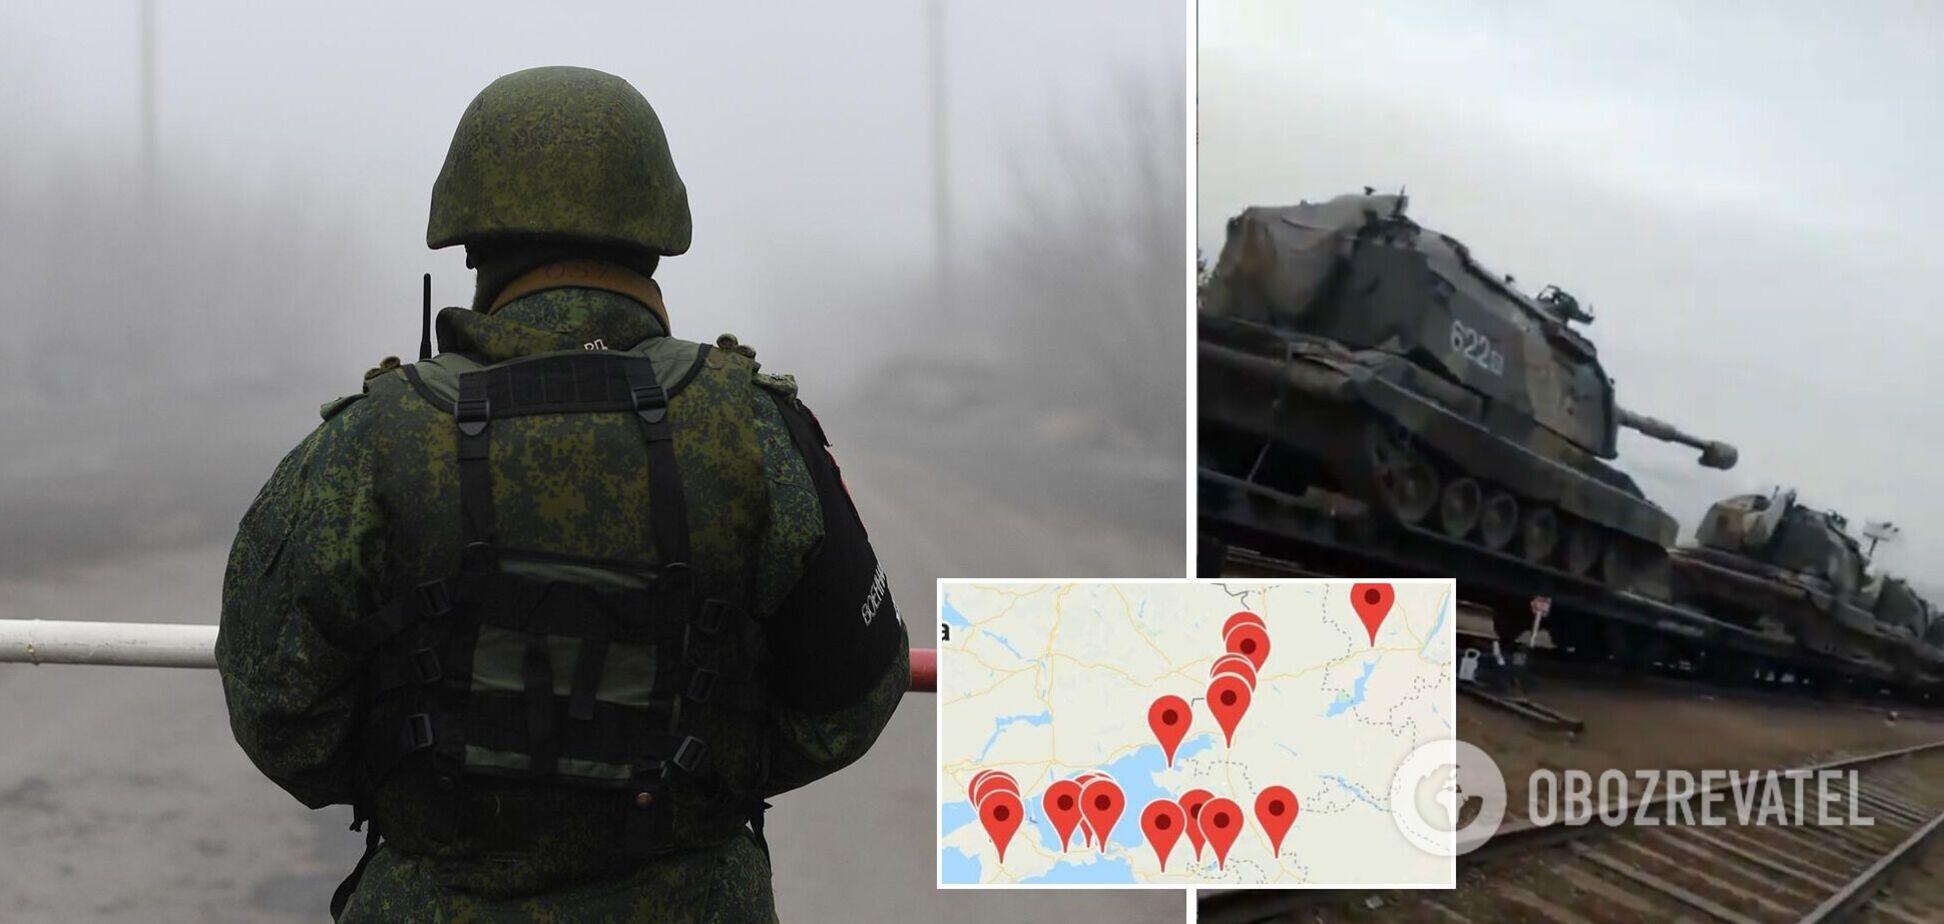 Українська розвідка підтвердила нарощування бойової готовності РФ на Донбасі. Карта і відео пересування військ